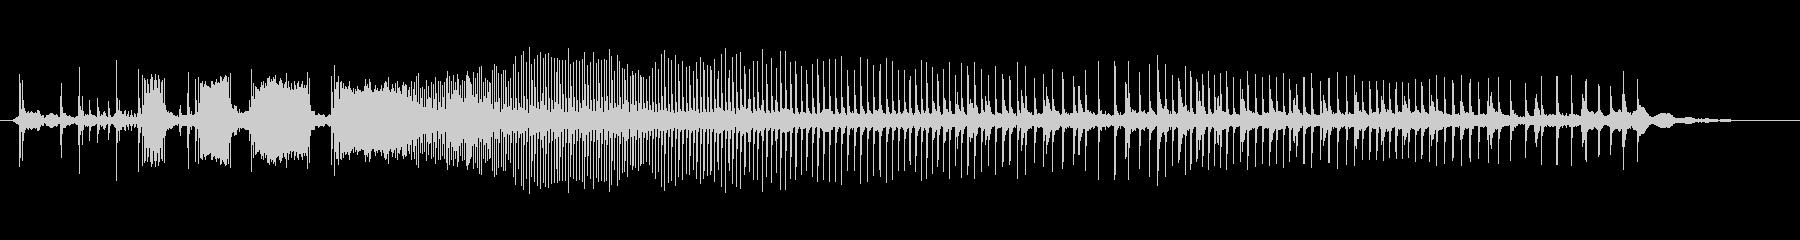 ワードローブ、開いた、長い、非常に...の未再生の波形